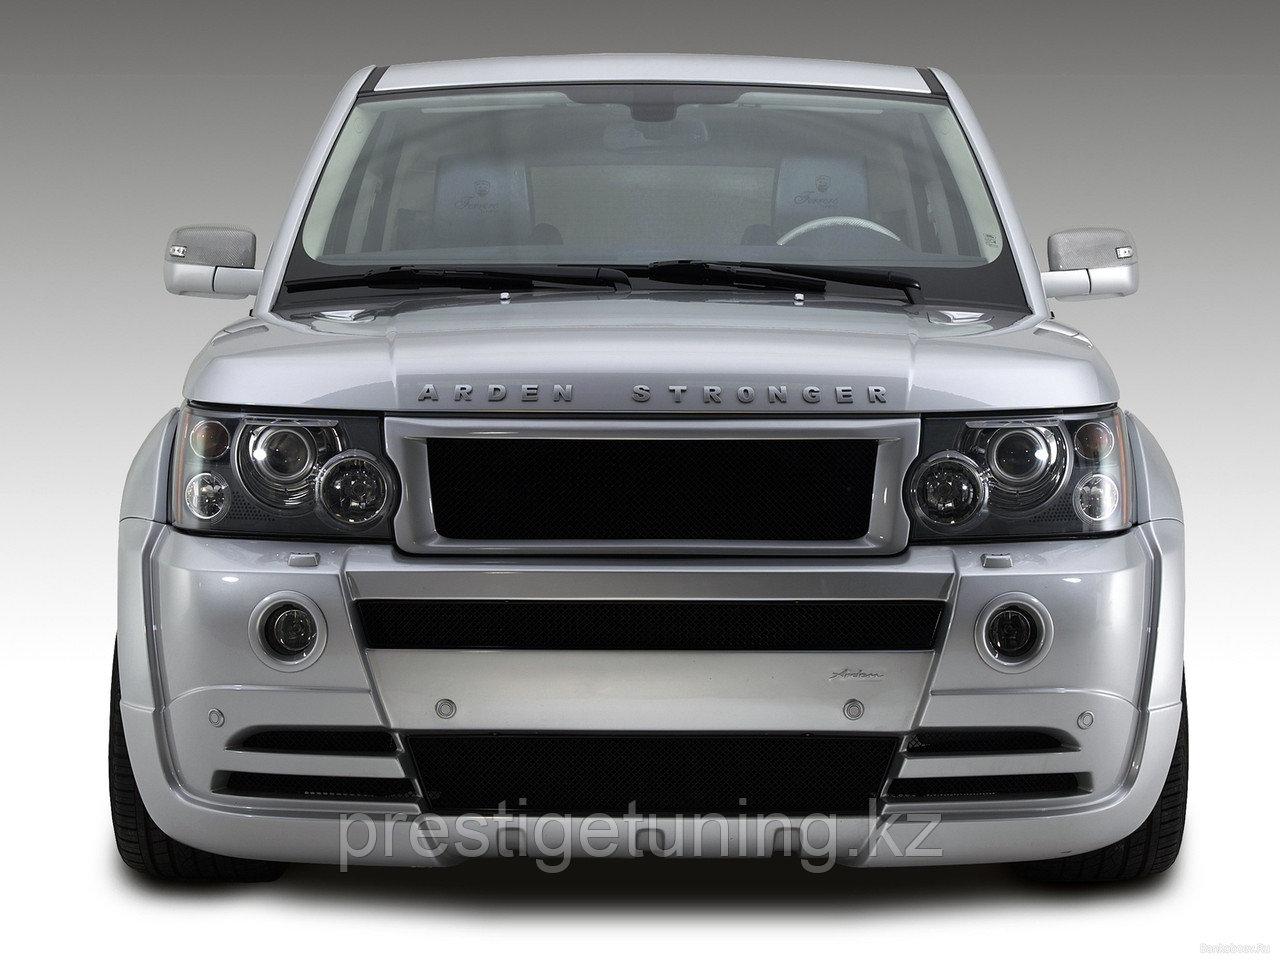 Обвес ARDEN STRONGER на Range Rover Sport (доРестайлинг)